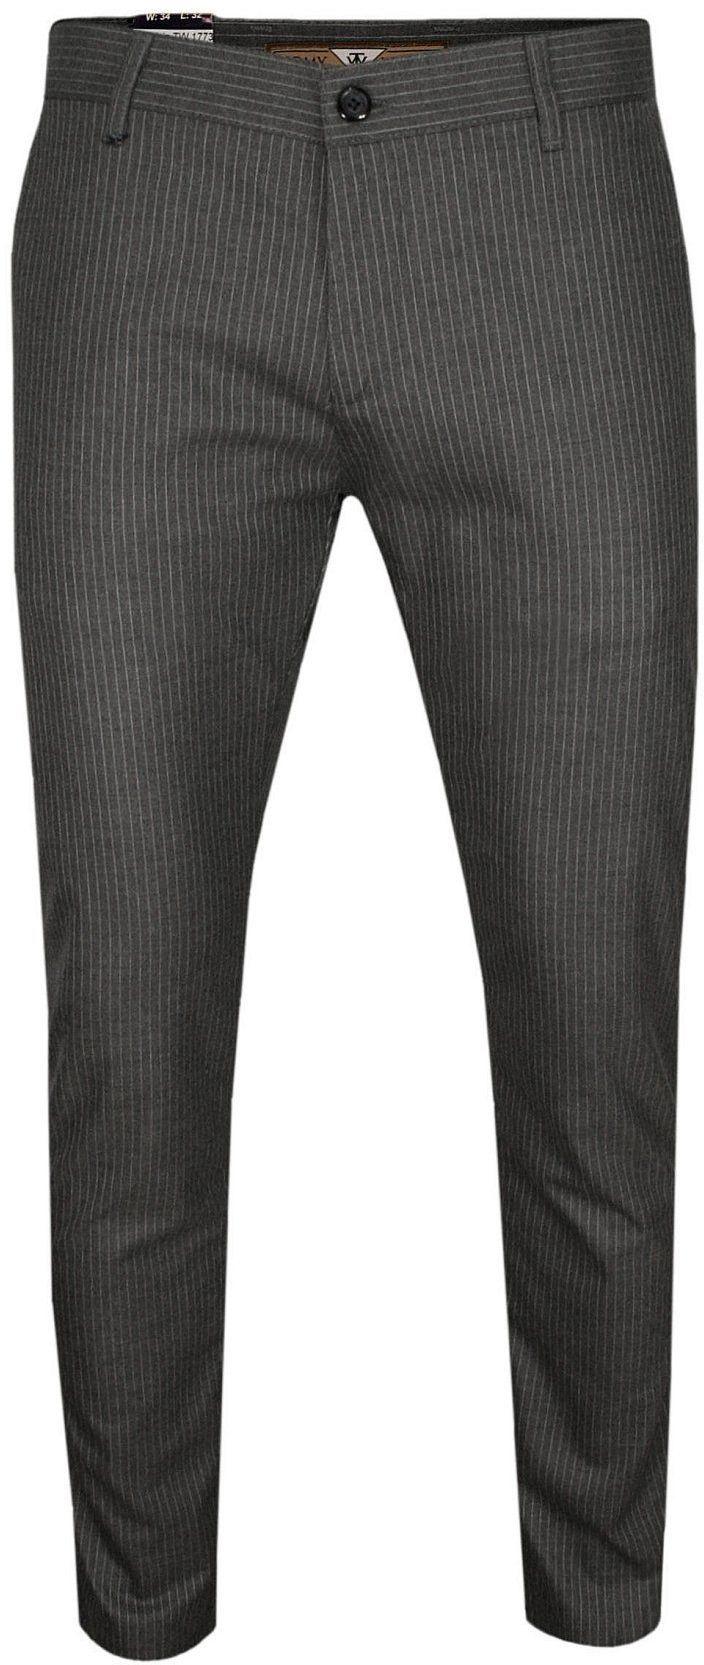 Szare Casualowe Spodnie Męskie, Slim Fit -TOMY WALKER- Zwężane, Chinosy, Tłoczony Wzór, w Paski SPTWKR17736szare